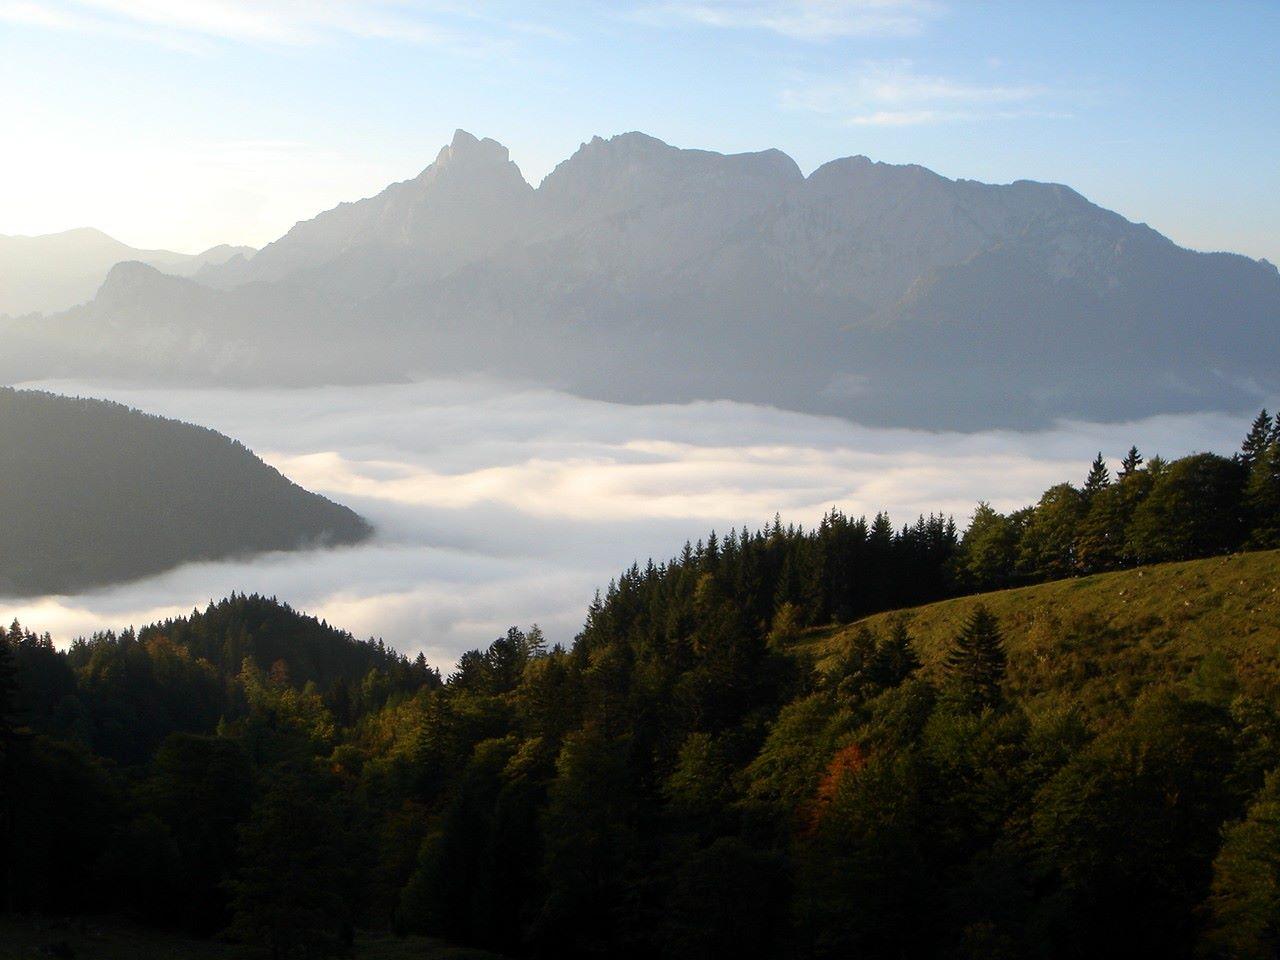 Foto: Manfred Karl / Wander Tour / Grabnerstein - Gipfelrunde / Morgennebel über dem Admonter Becken. / 18.05.2007 14:52:07